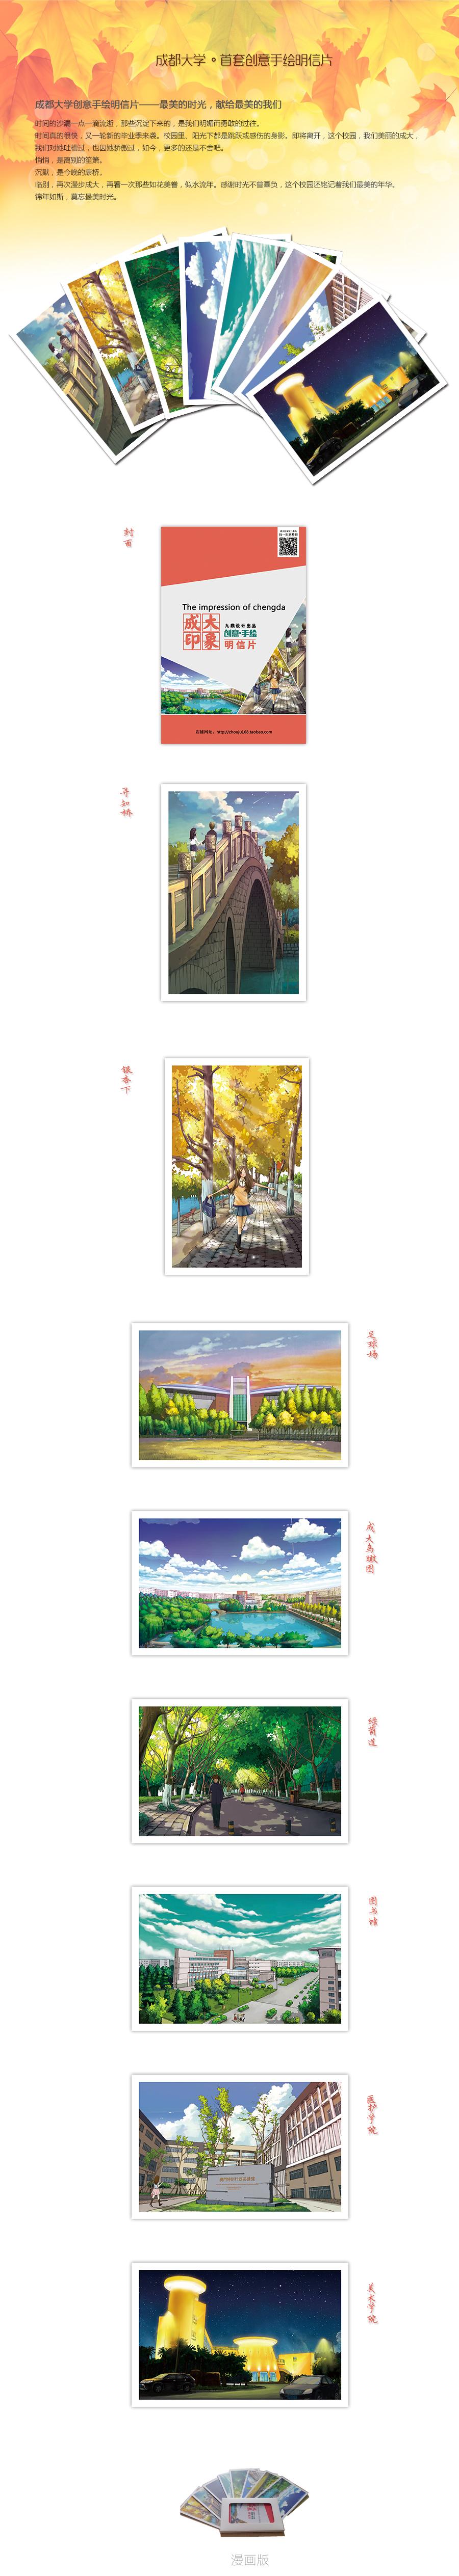 成都大学创意手绘明信片——最美的时光,献给最美的我们